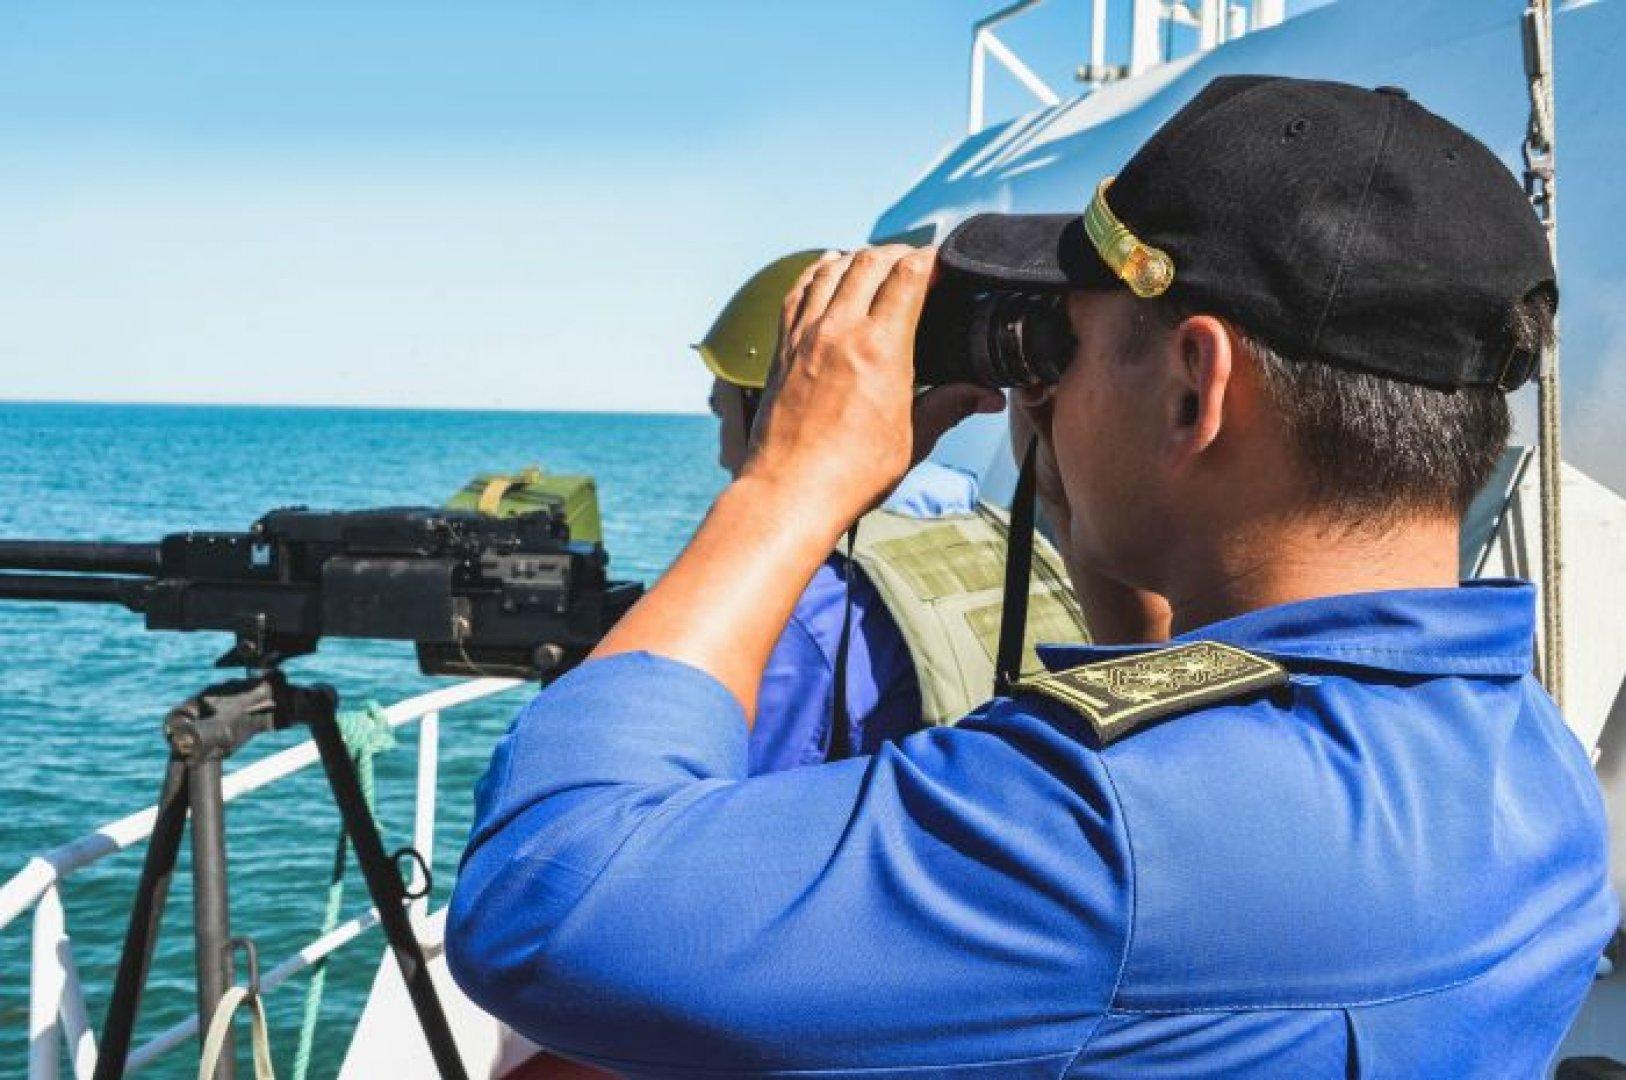 Казахстанские морские пограничники получили два новых катера на воздушной подушке